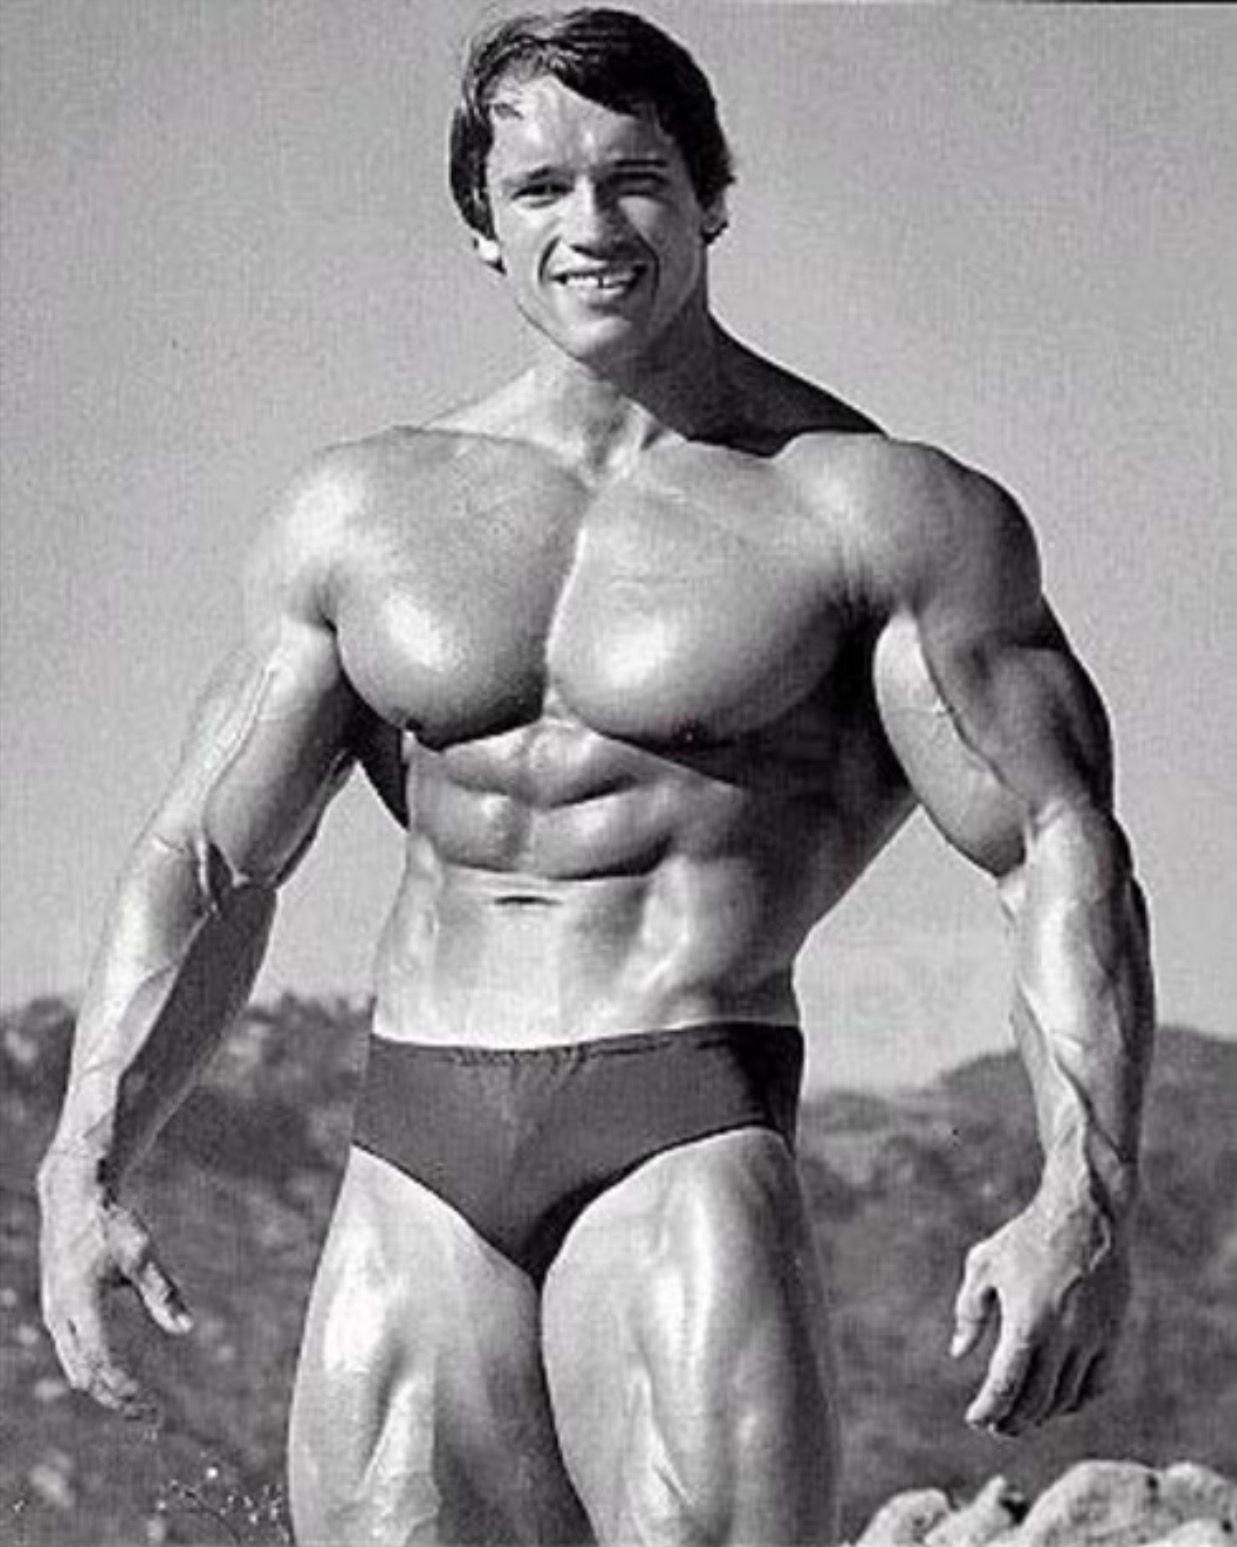 Arnold Schwarzenegger Abs Workout For Women Bodybuilding Arnold Schwarzenegger